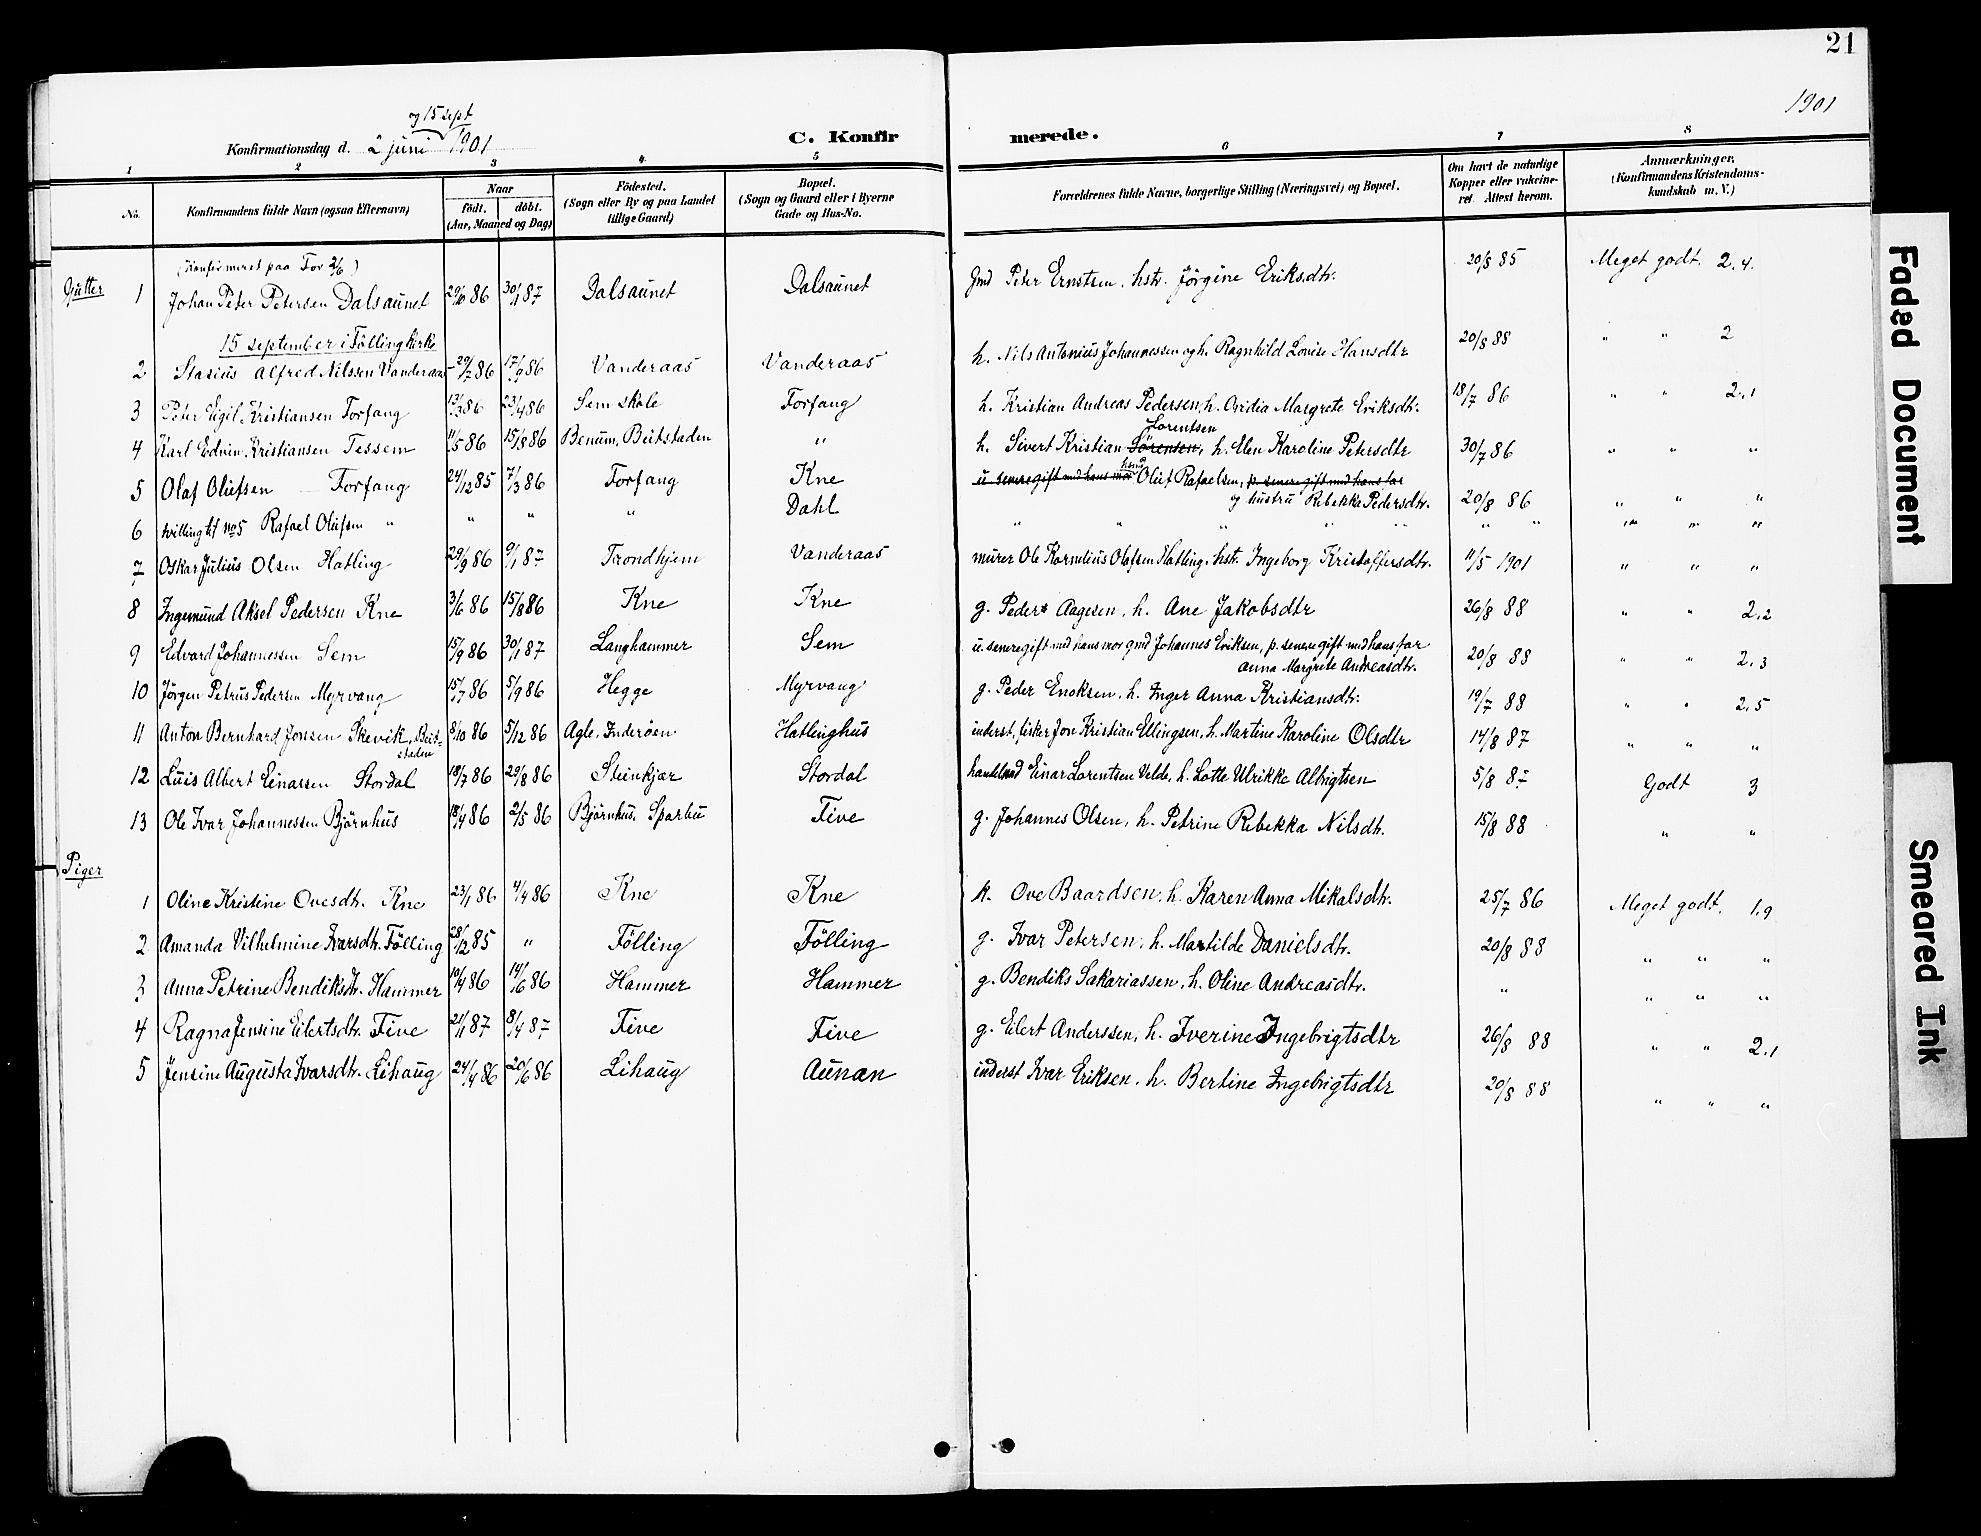 SAT, Ministerialprotokoller, klokkerbøker og fødselsregistre - Nord-Trøndelag, 748/L0464: Ministerialbok nr. 748A01, 1900-1908, s. 21